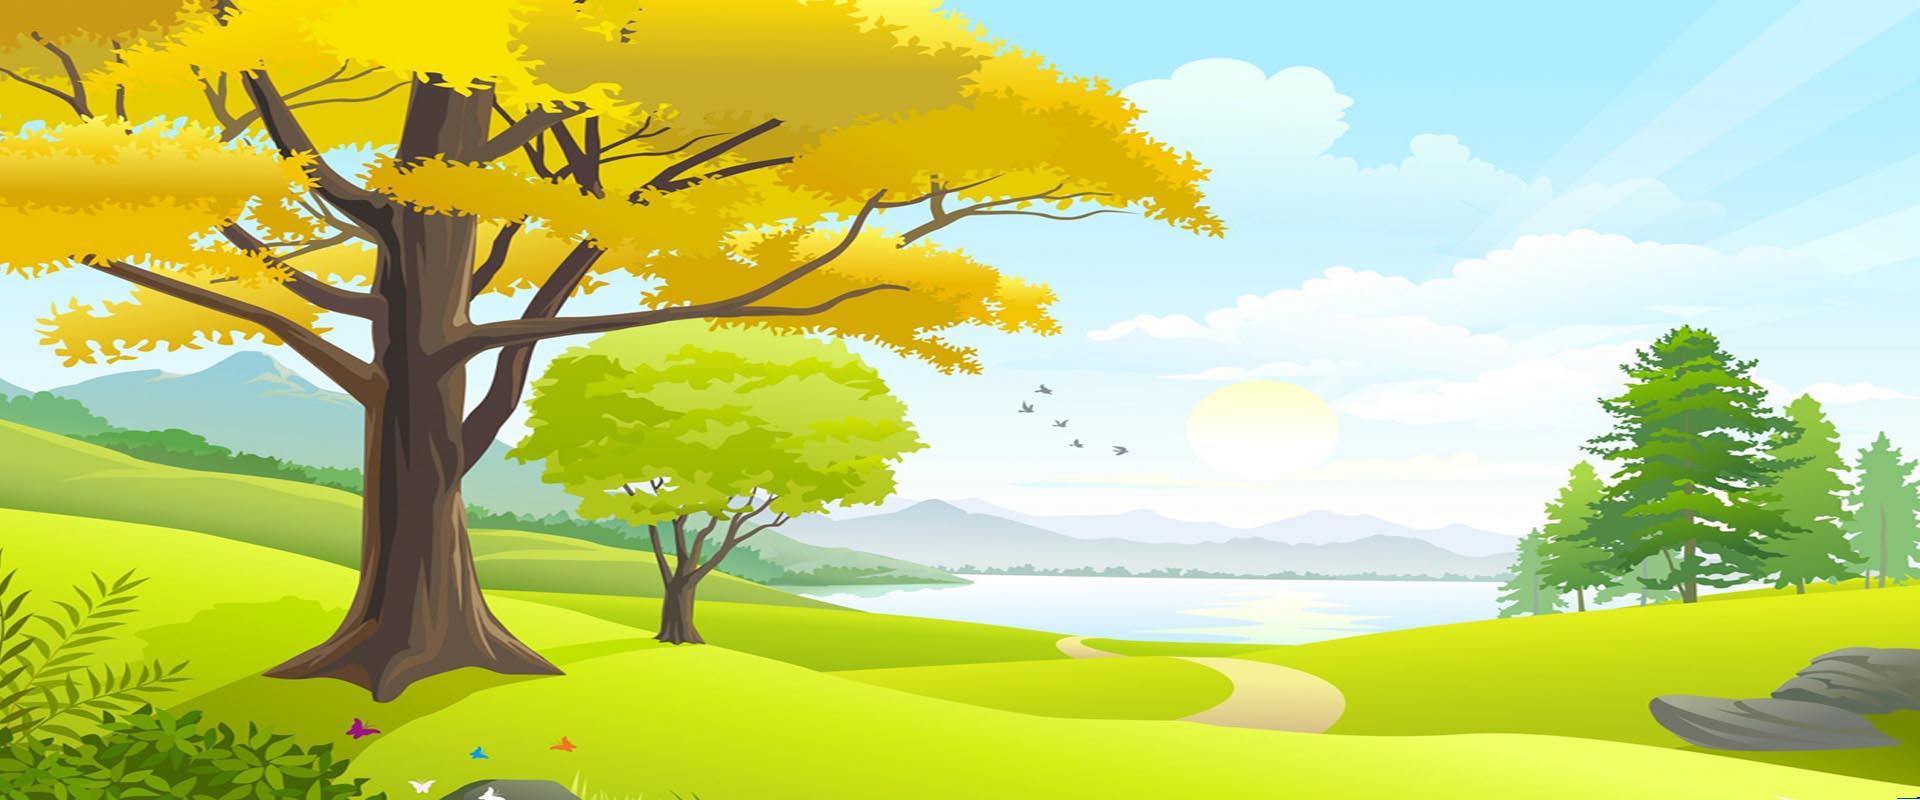 le dessin de l arri u00e8re plan innocence dessin de l arbre